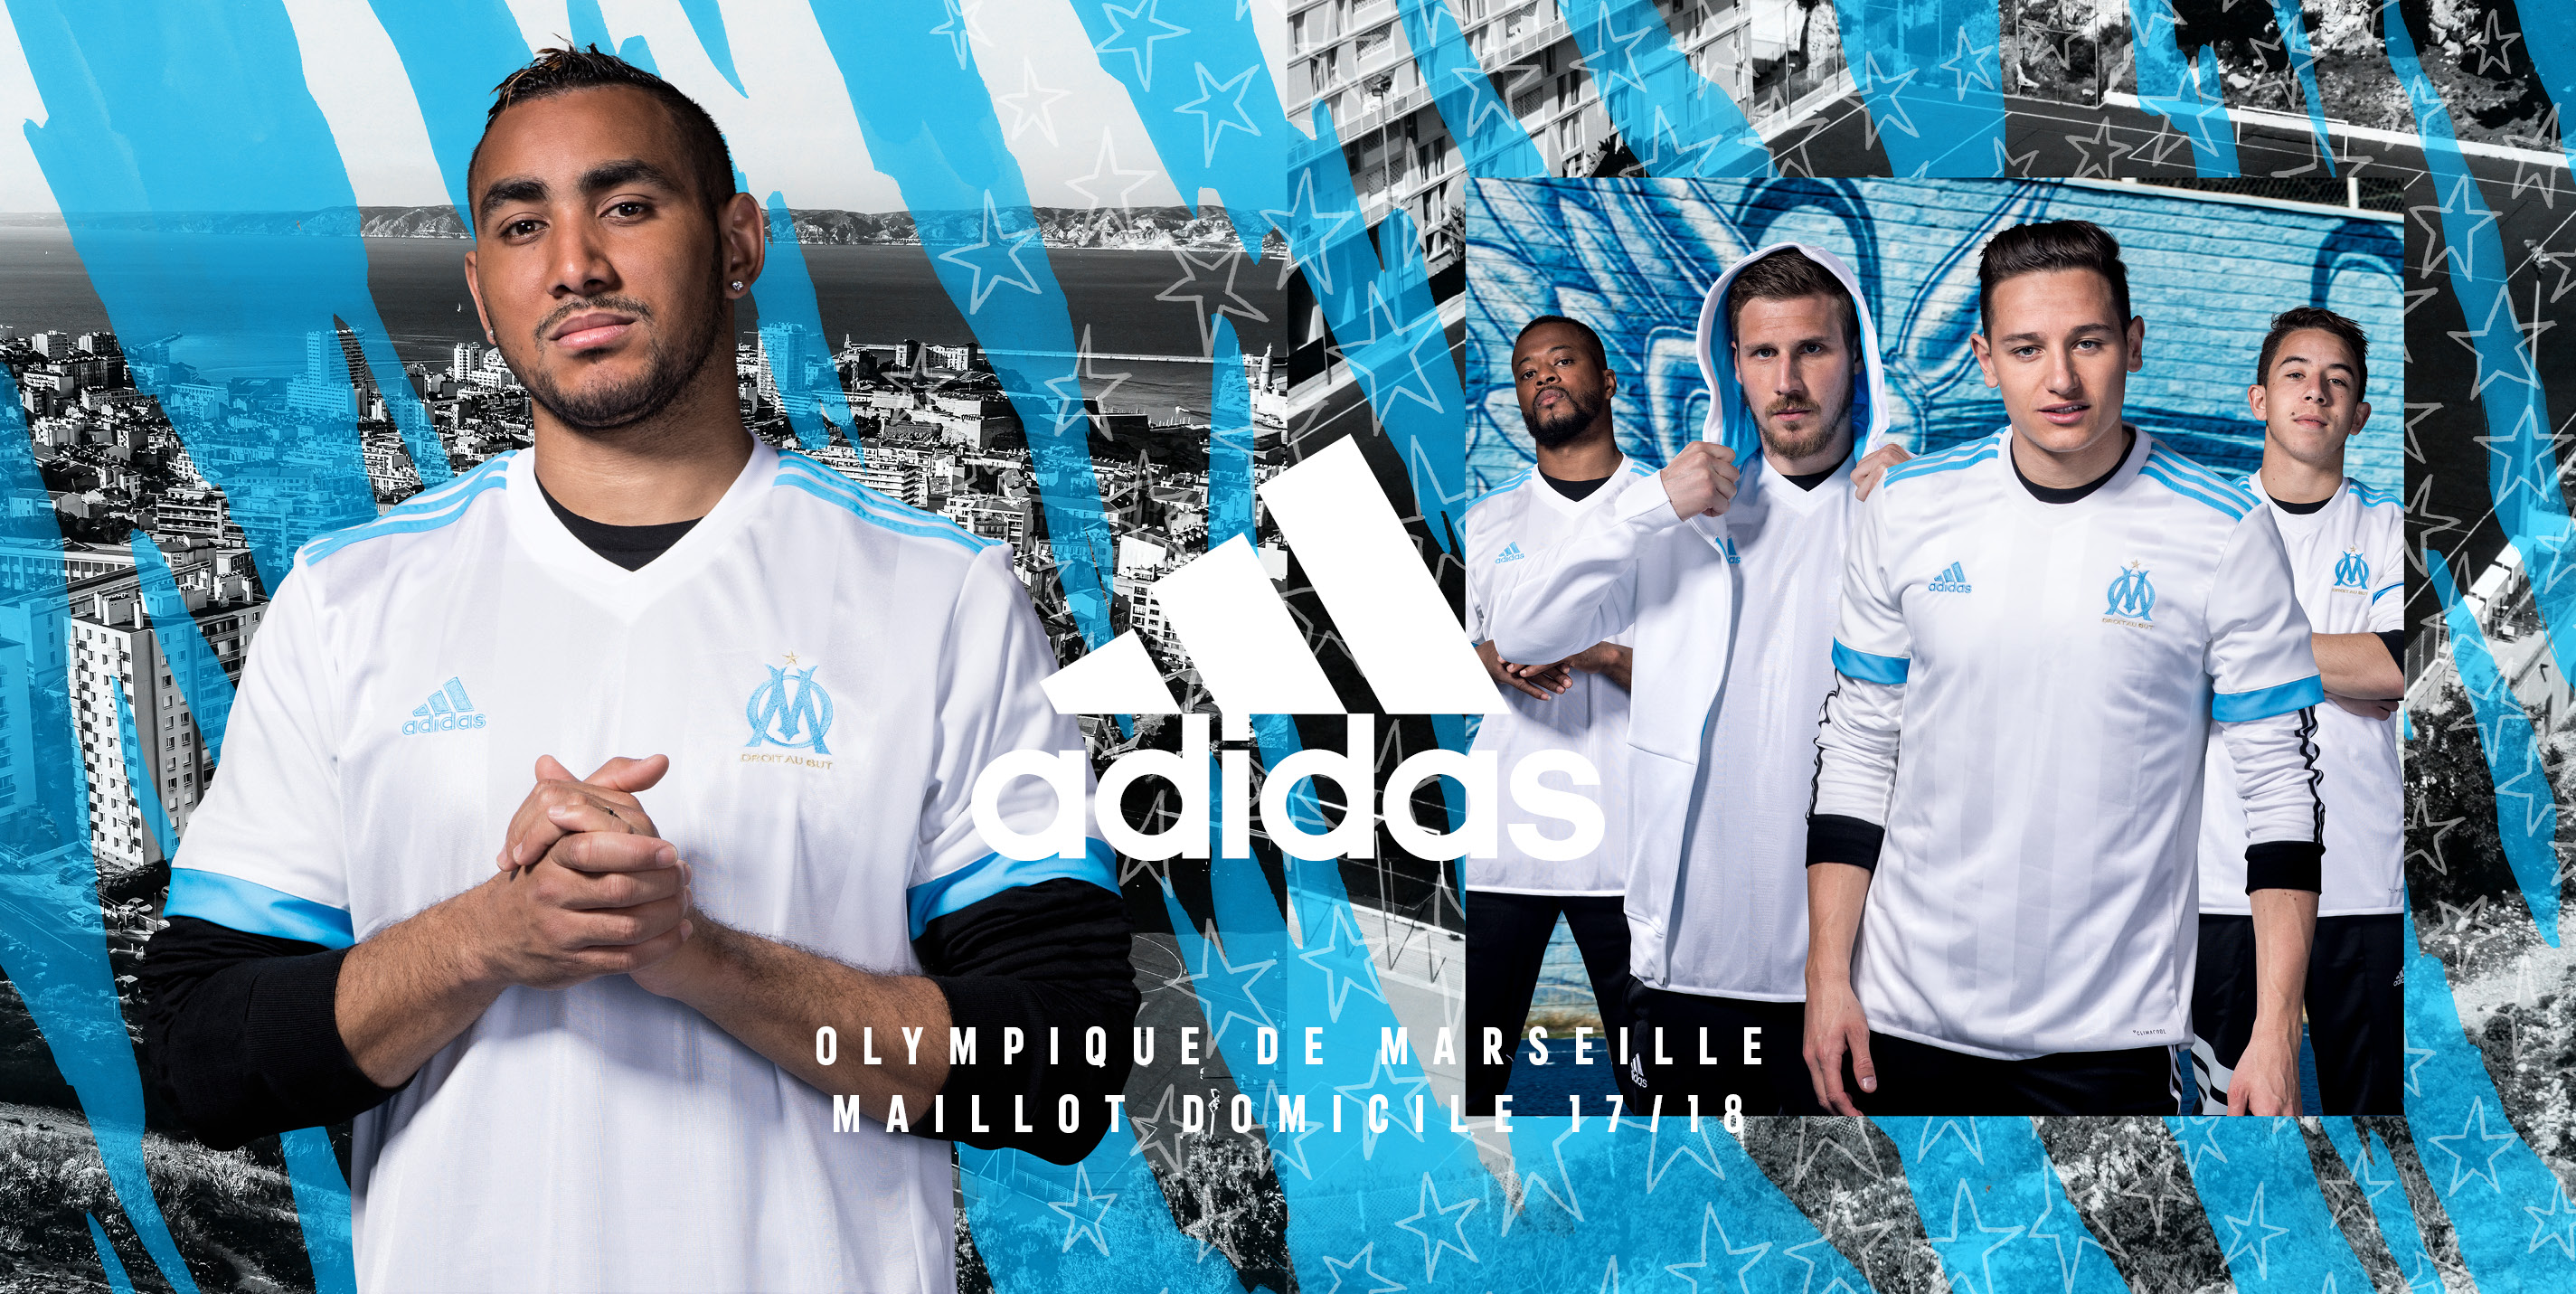 Maillot Extérieur Olympique de Marseille Maxime LOPEZ